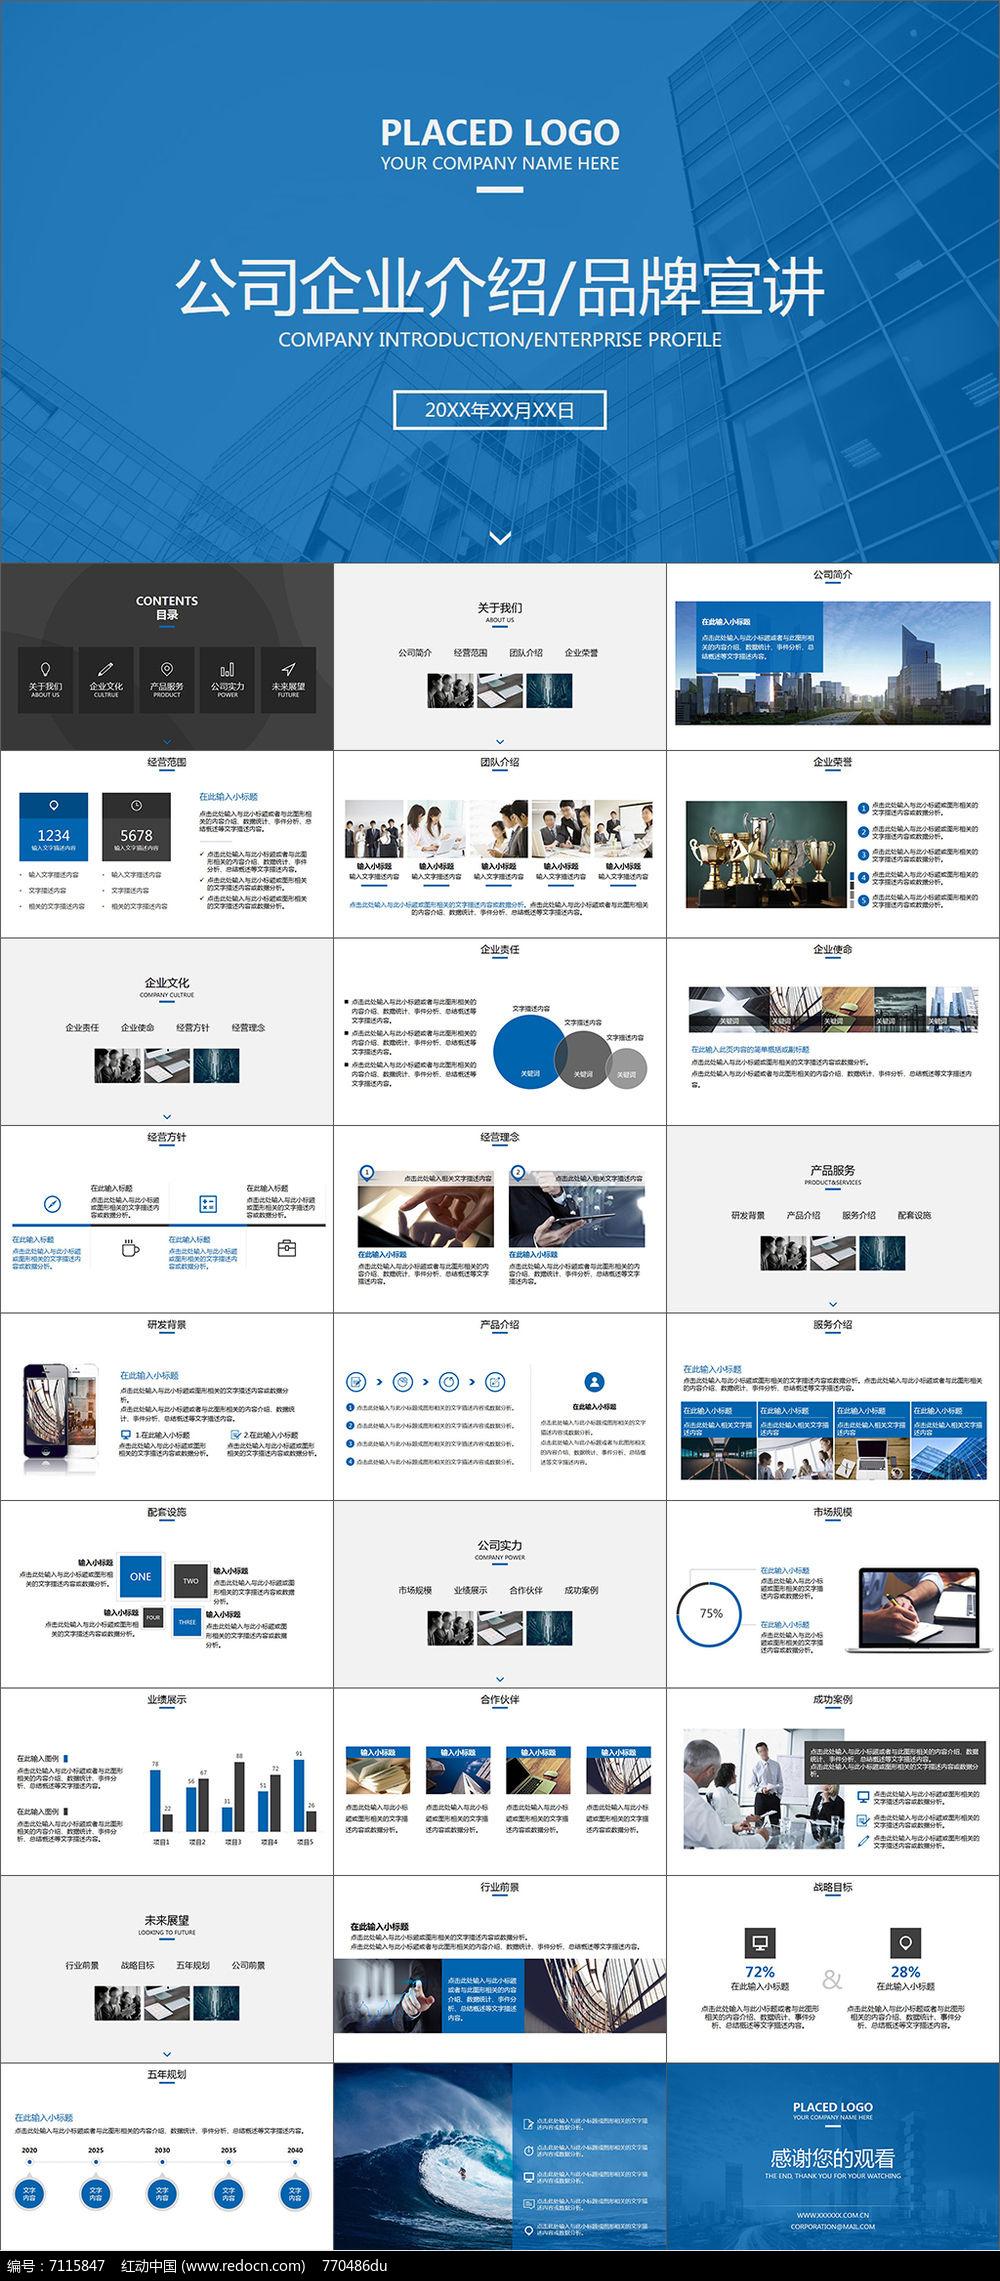 简约高端公司企业介绍品牌宣讲ppt模板